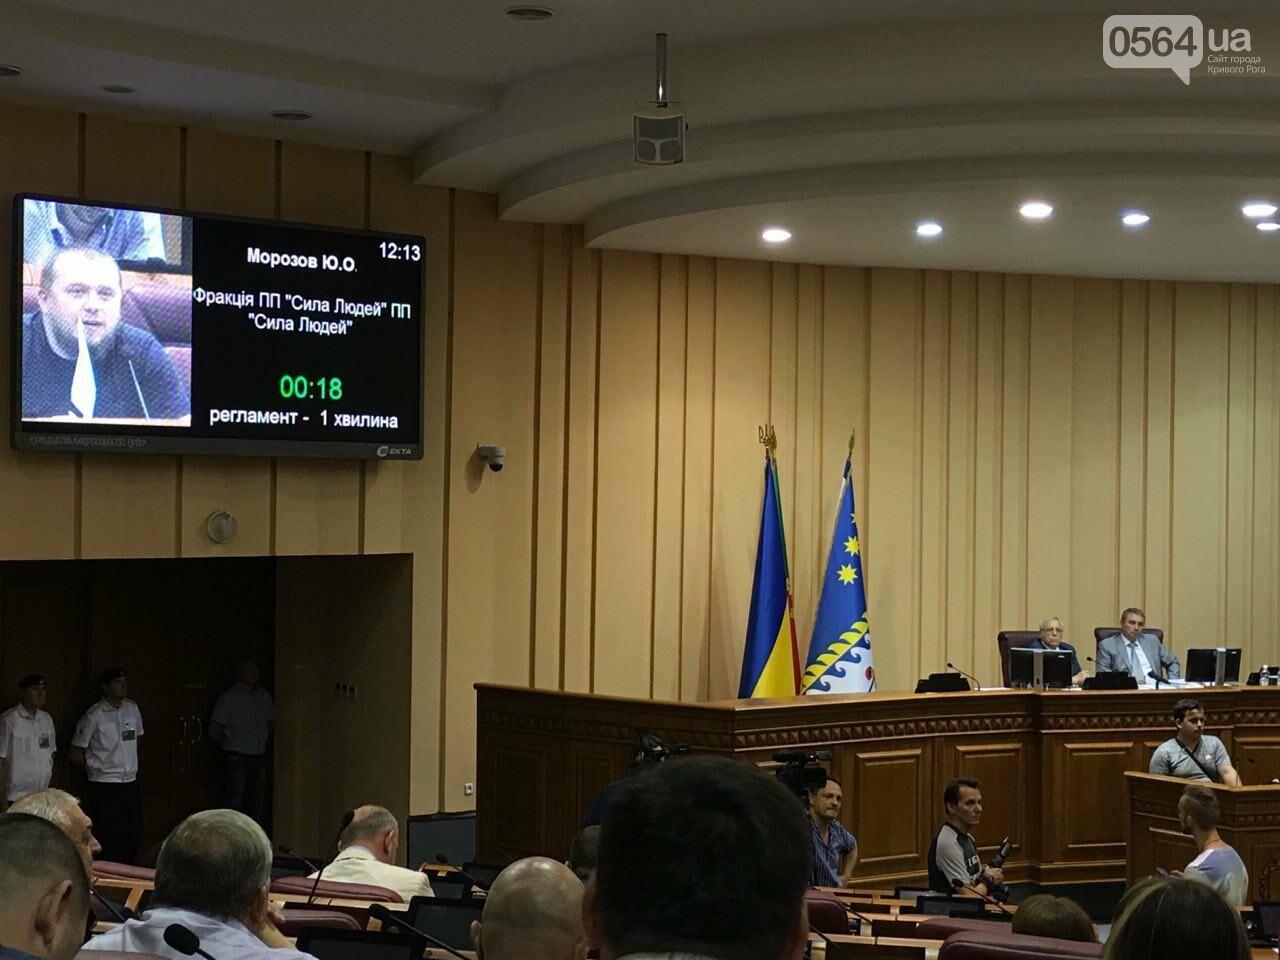 Тариф в маршрутках Кривого Рога  не снизится - депутаты рассмотрели петицию, - ФОТО, фото-2